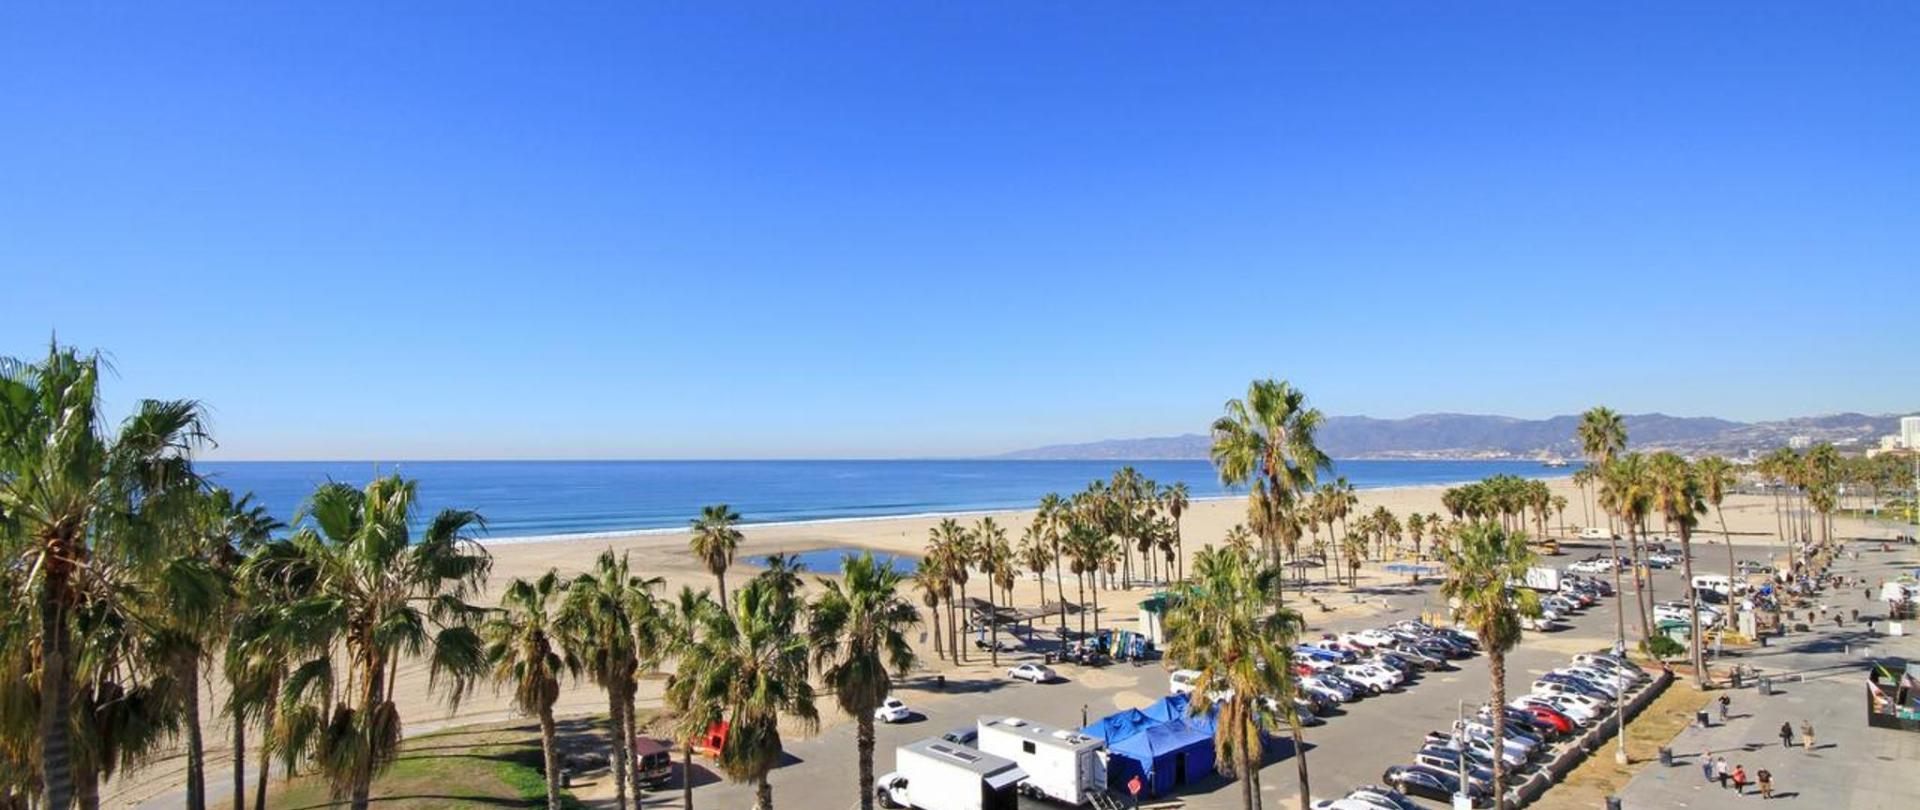 Hotel Deals In Venice Beach Ca